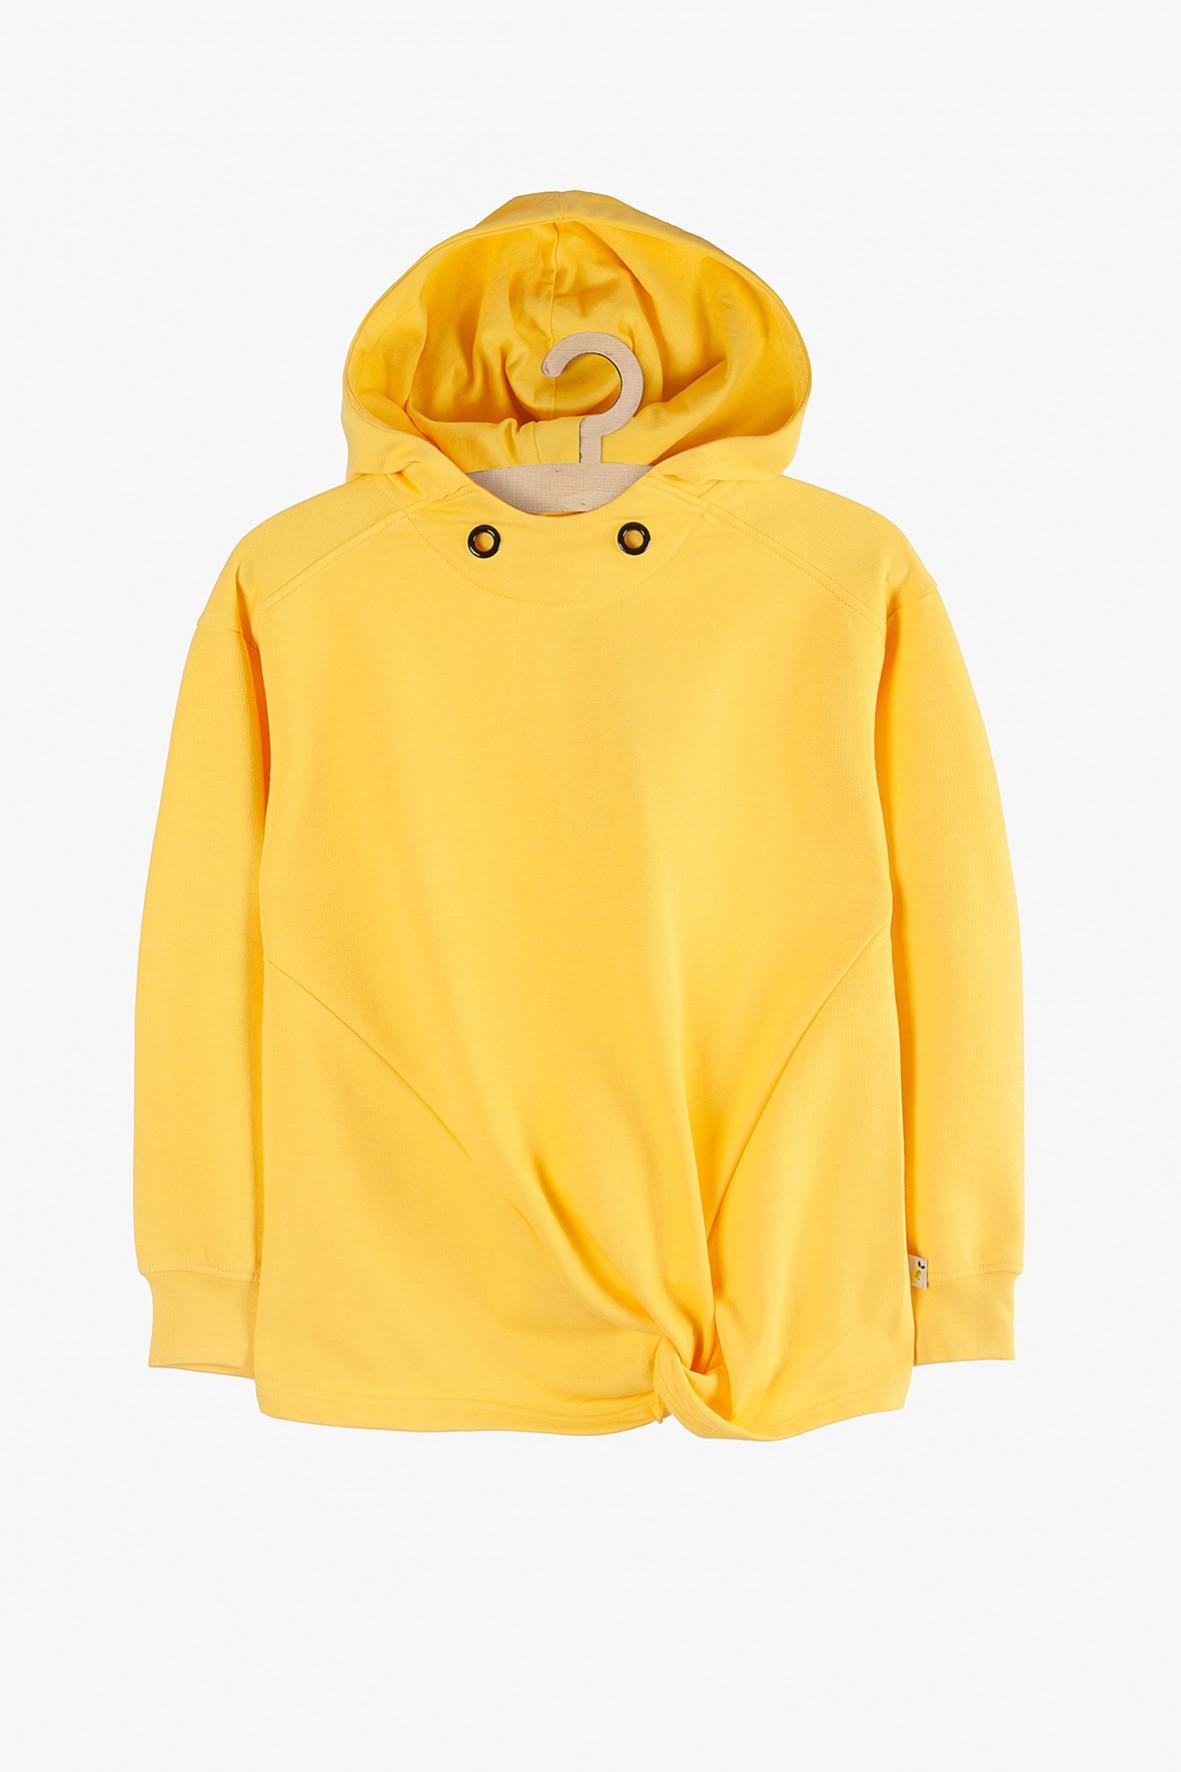 Bluza dresowa dziewczęca żółta z kapturem